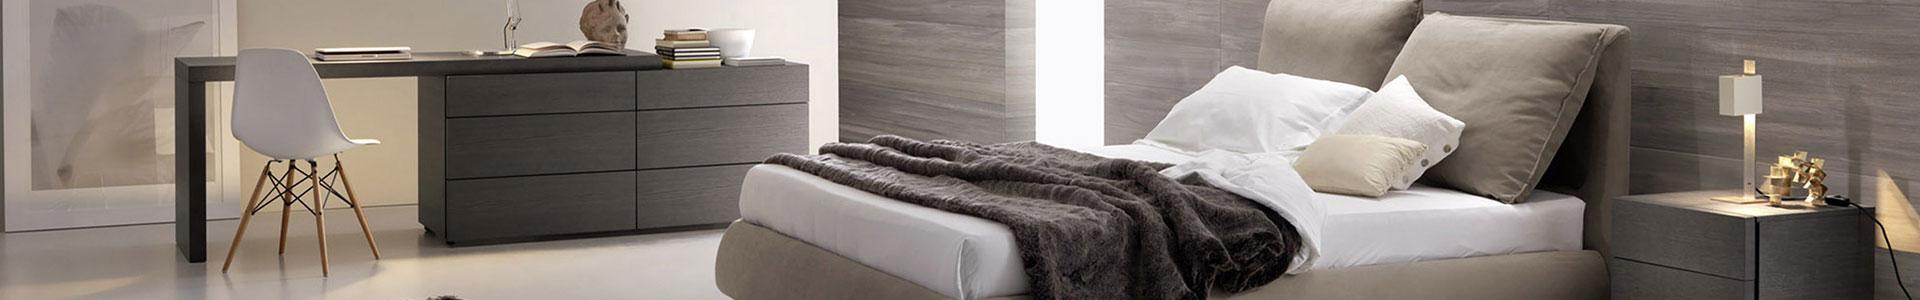 Appendiabiti per camera da letto catalogo online completo e prezzi